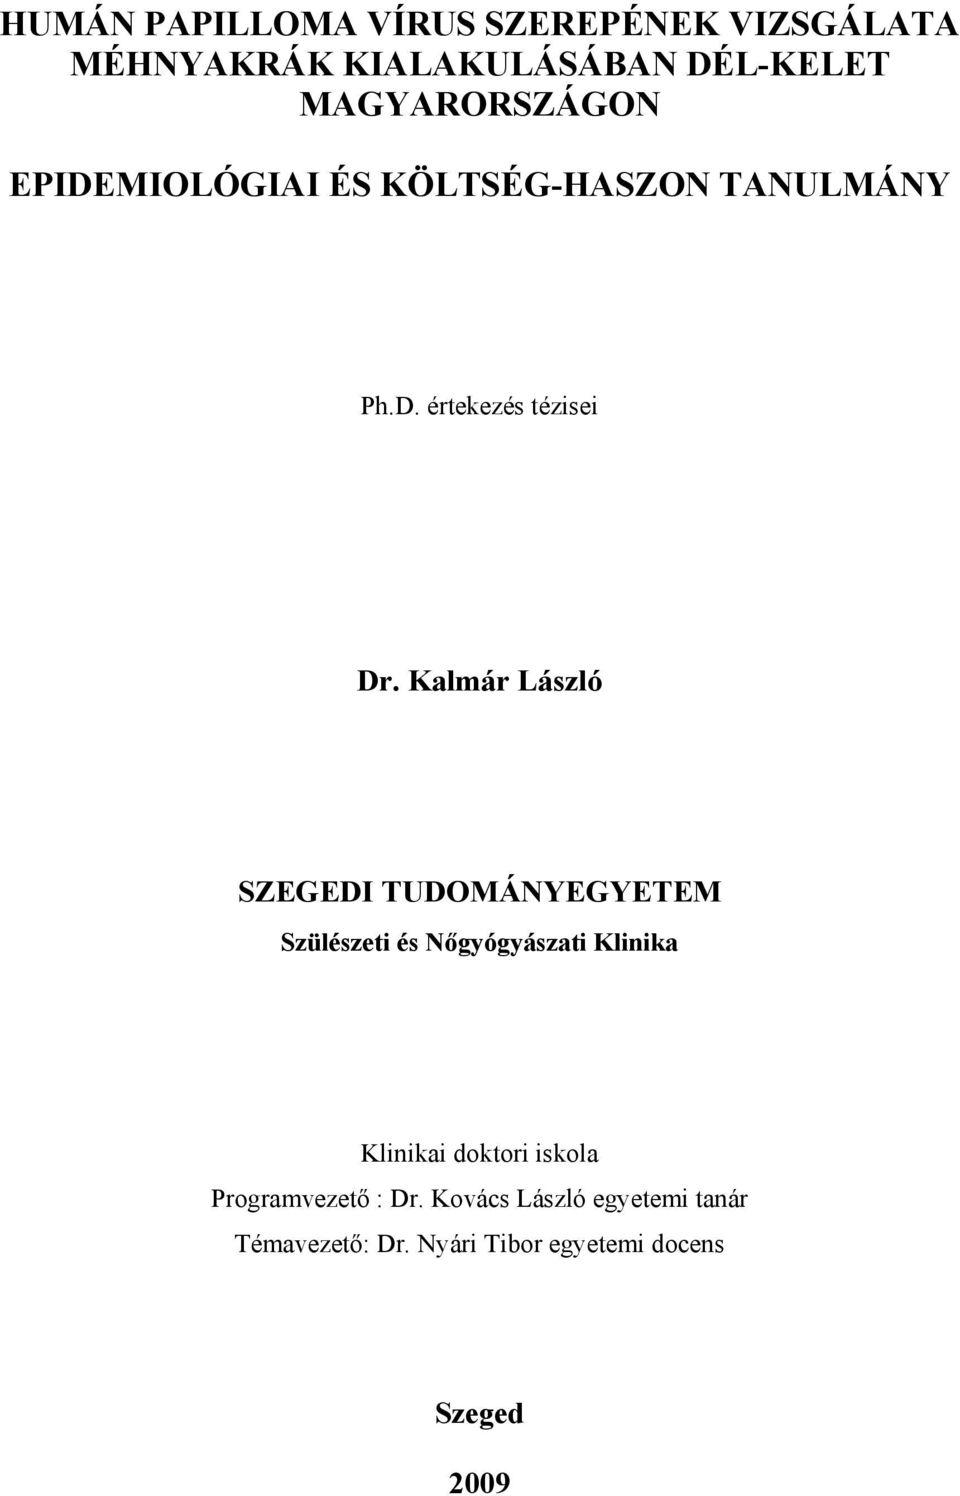 condyloma nőknél az a giardiasis patogenezisében